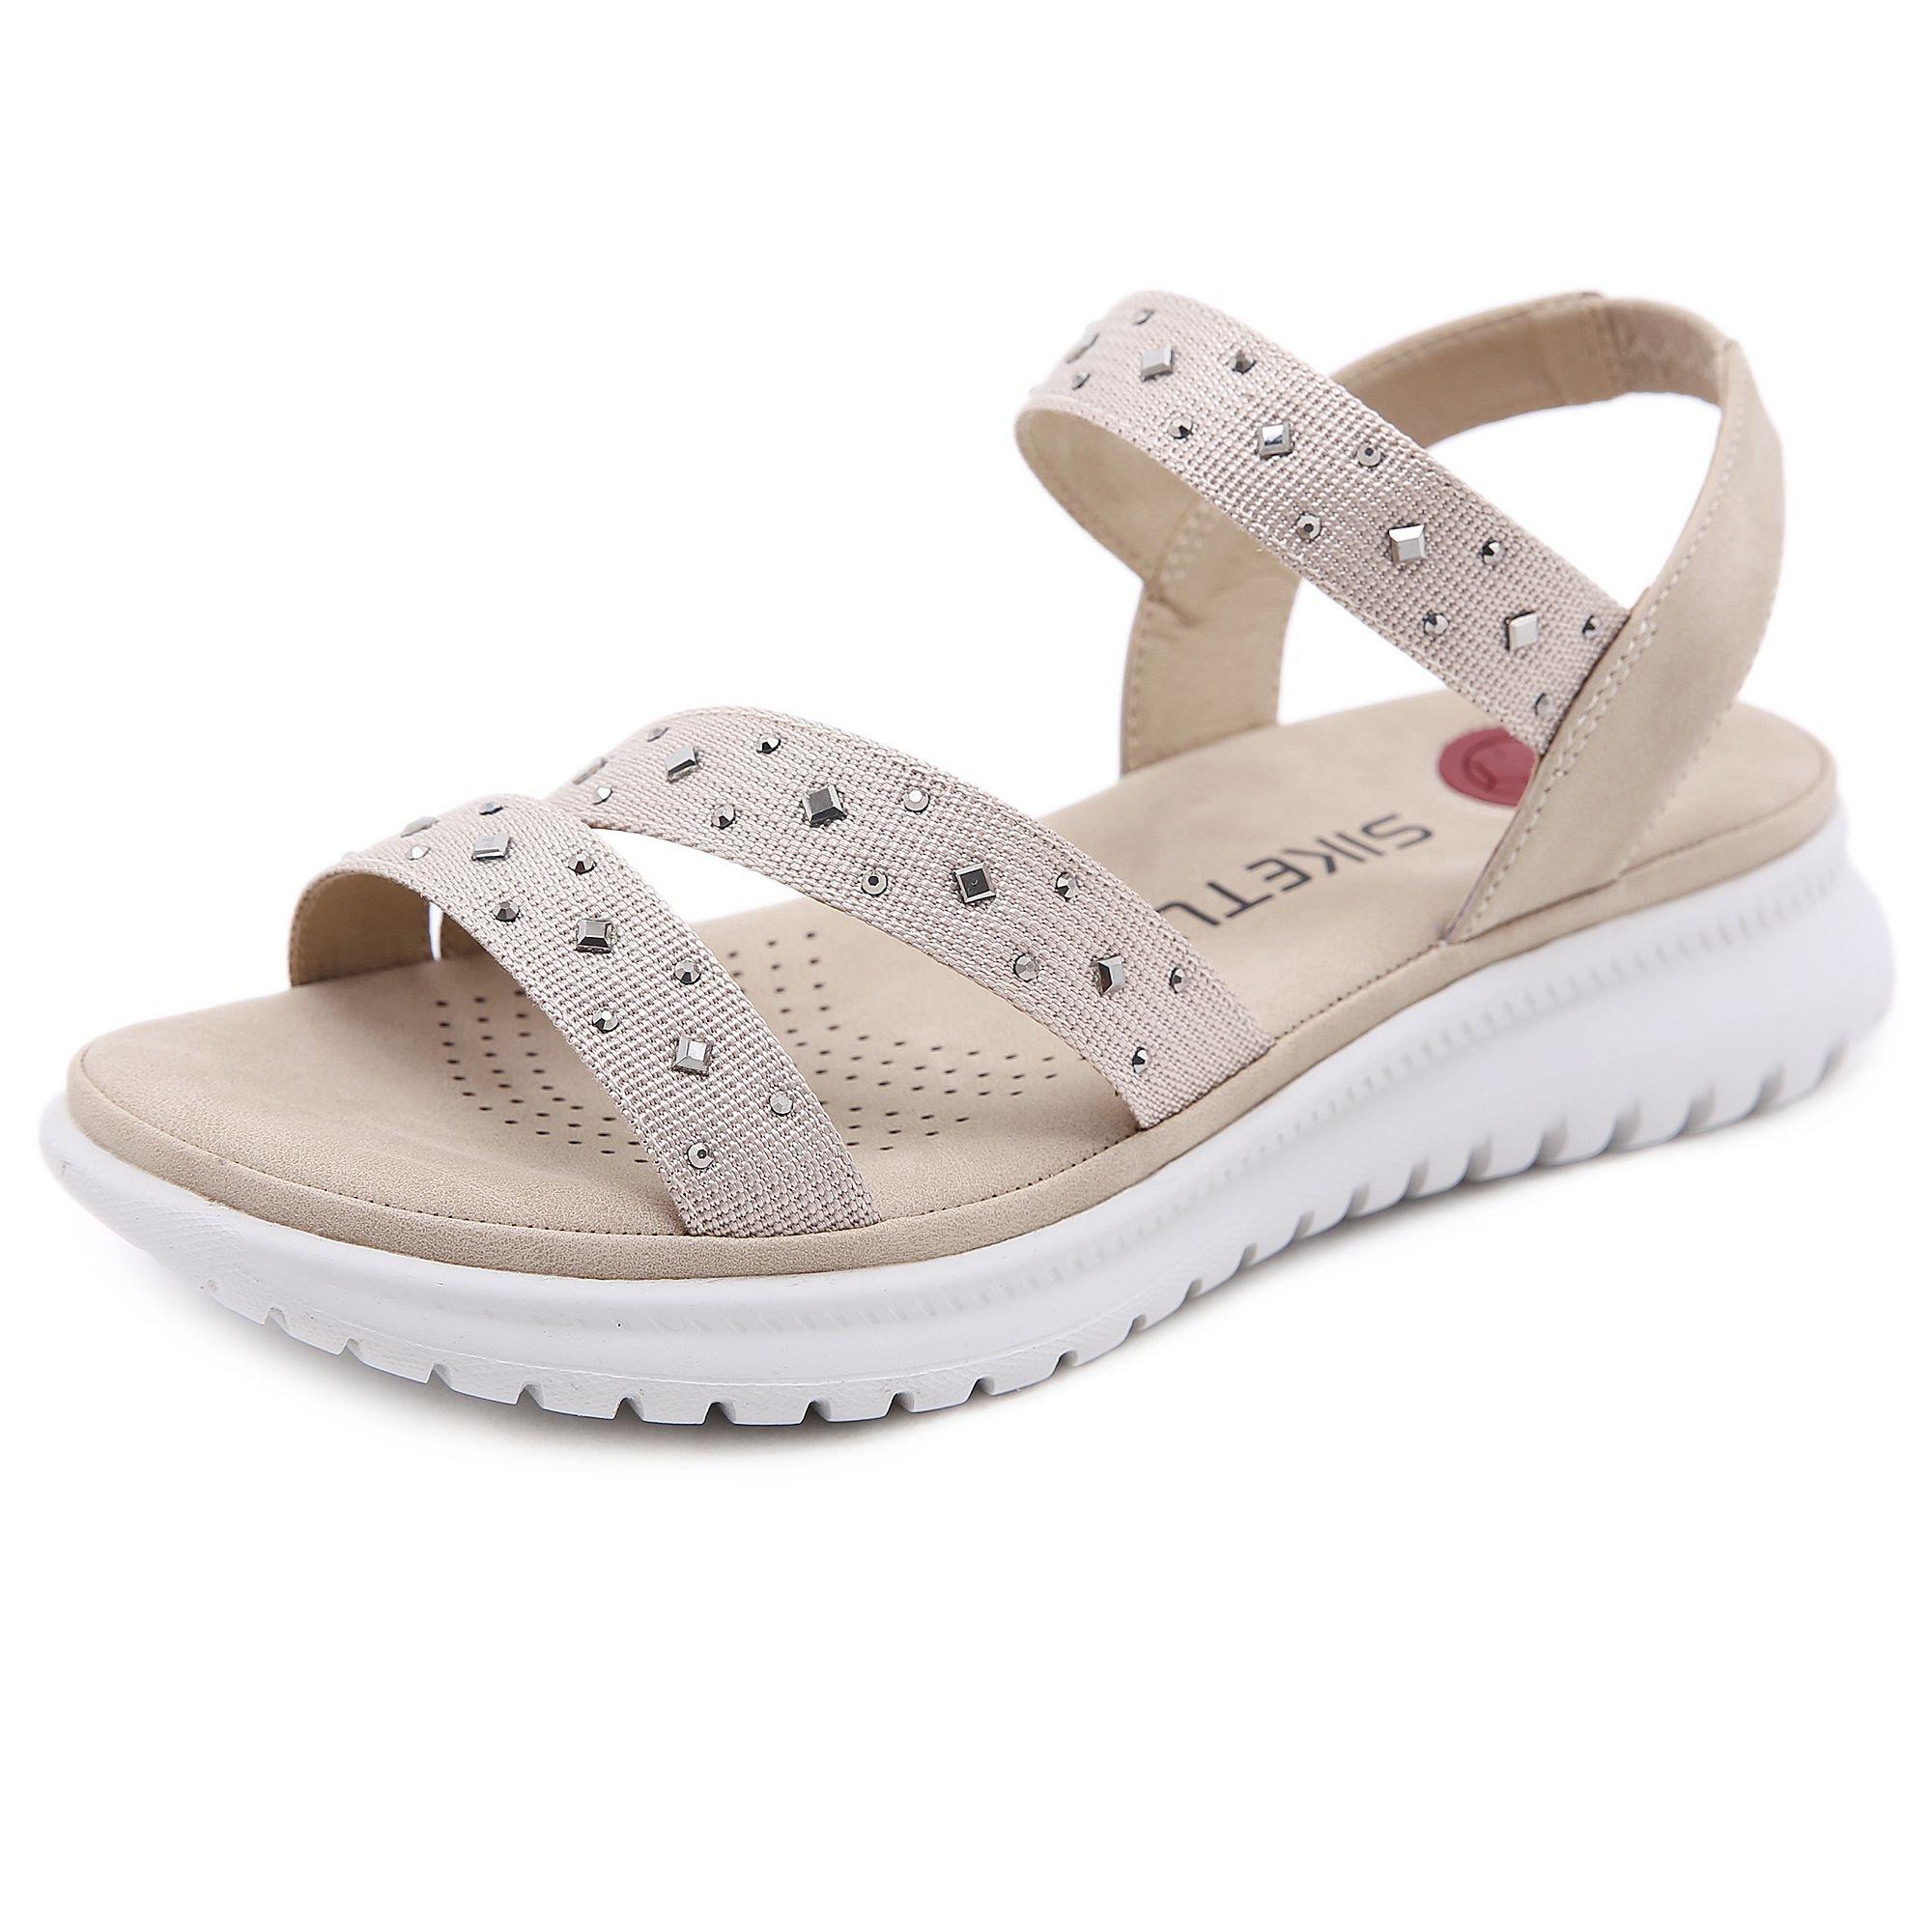 平跟罗马凉鞋 2021年新款夏季百搭水钻ins潮时尚平跟学生罗马运动风凉鞋女轻盈_推荐淘宝好看的女平跟罗马凉鞋